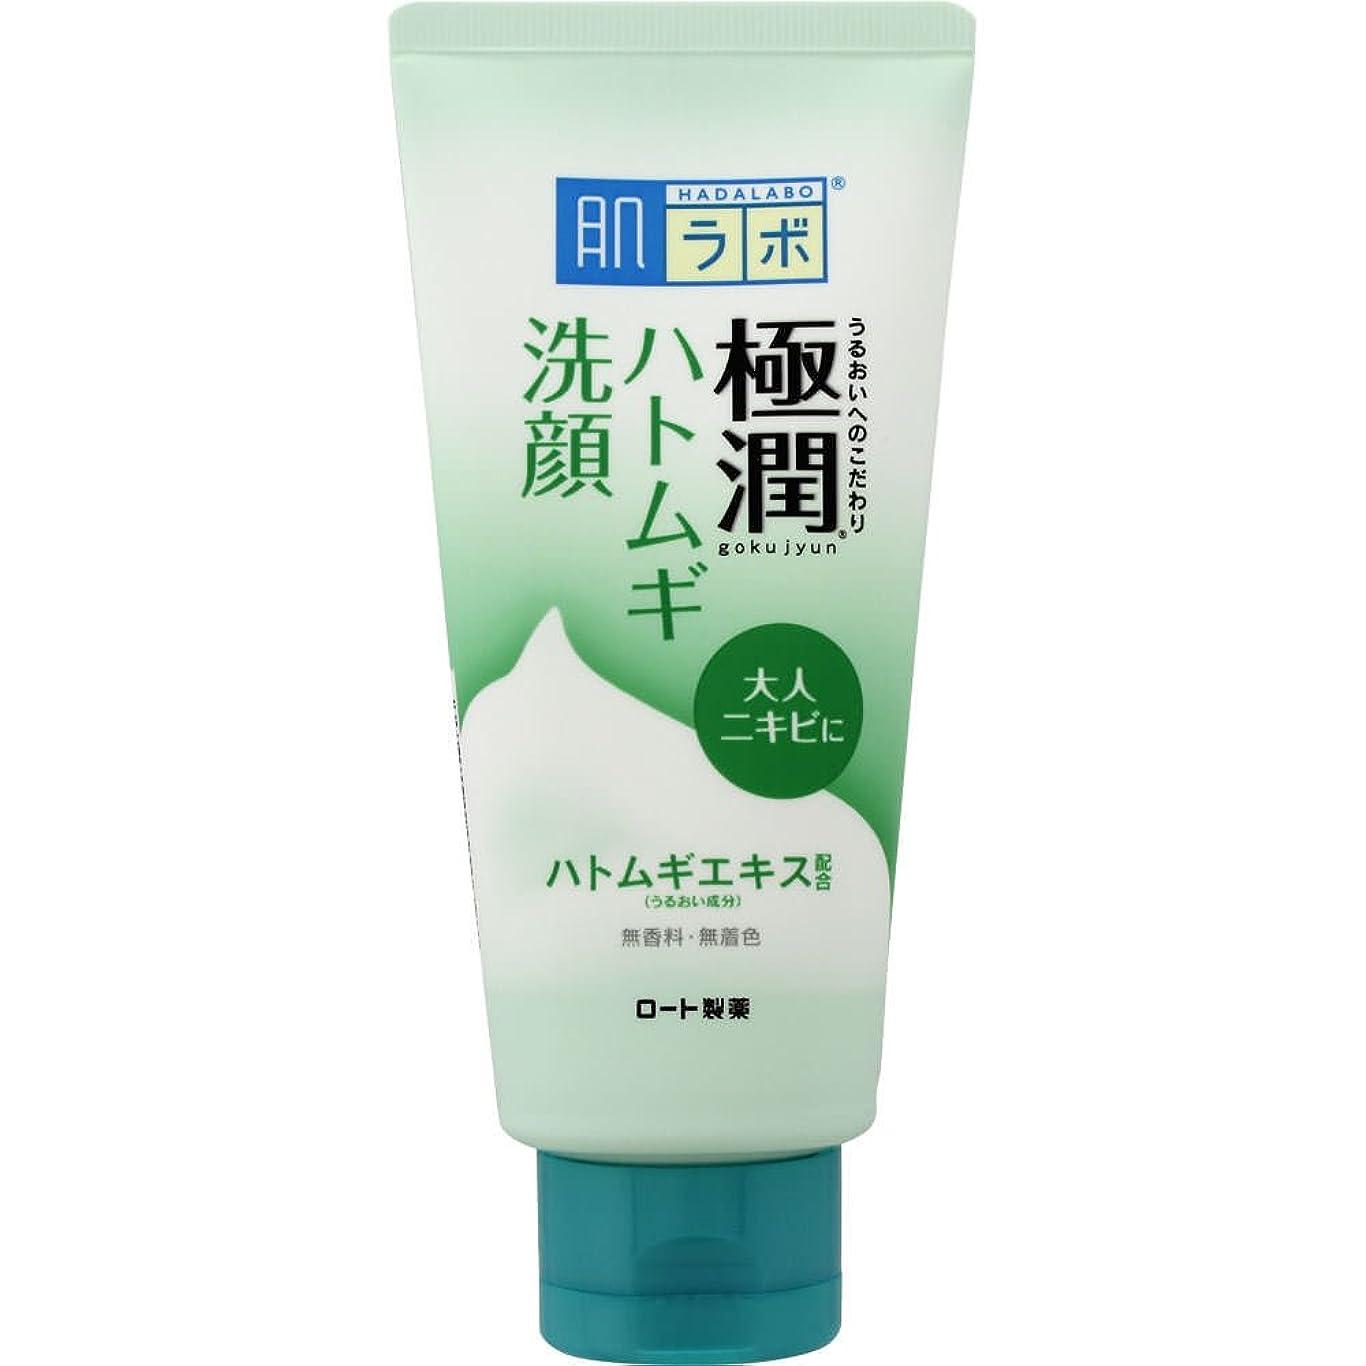 心理的できたはがき肌ラボ 極潤 毛穴洗浄 大人ニキビ予防 ハトムギ洗顔フォーム 100g